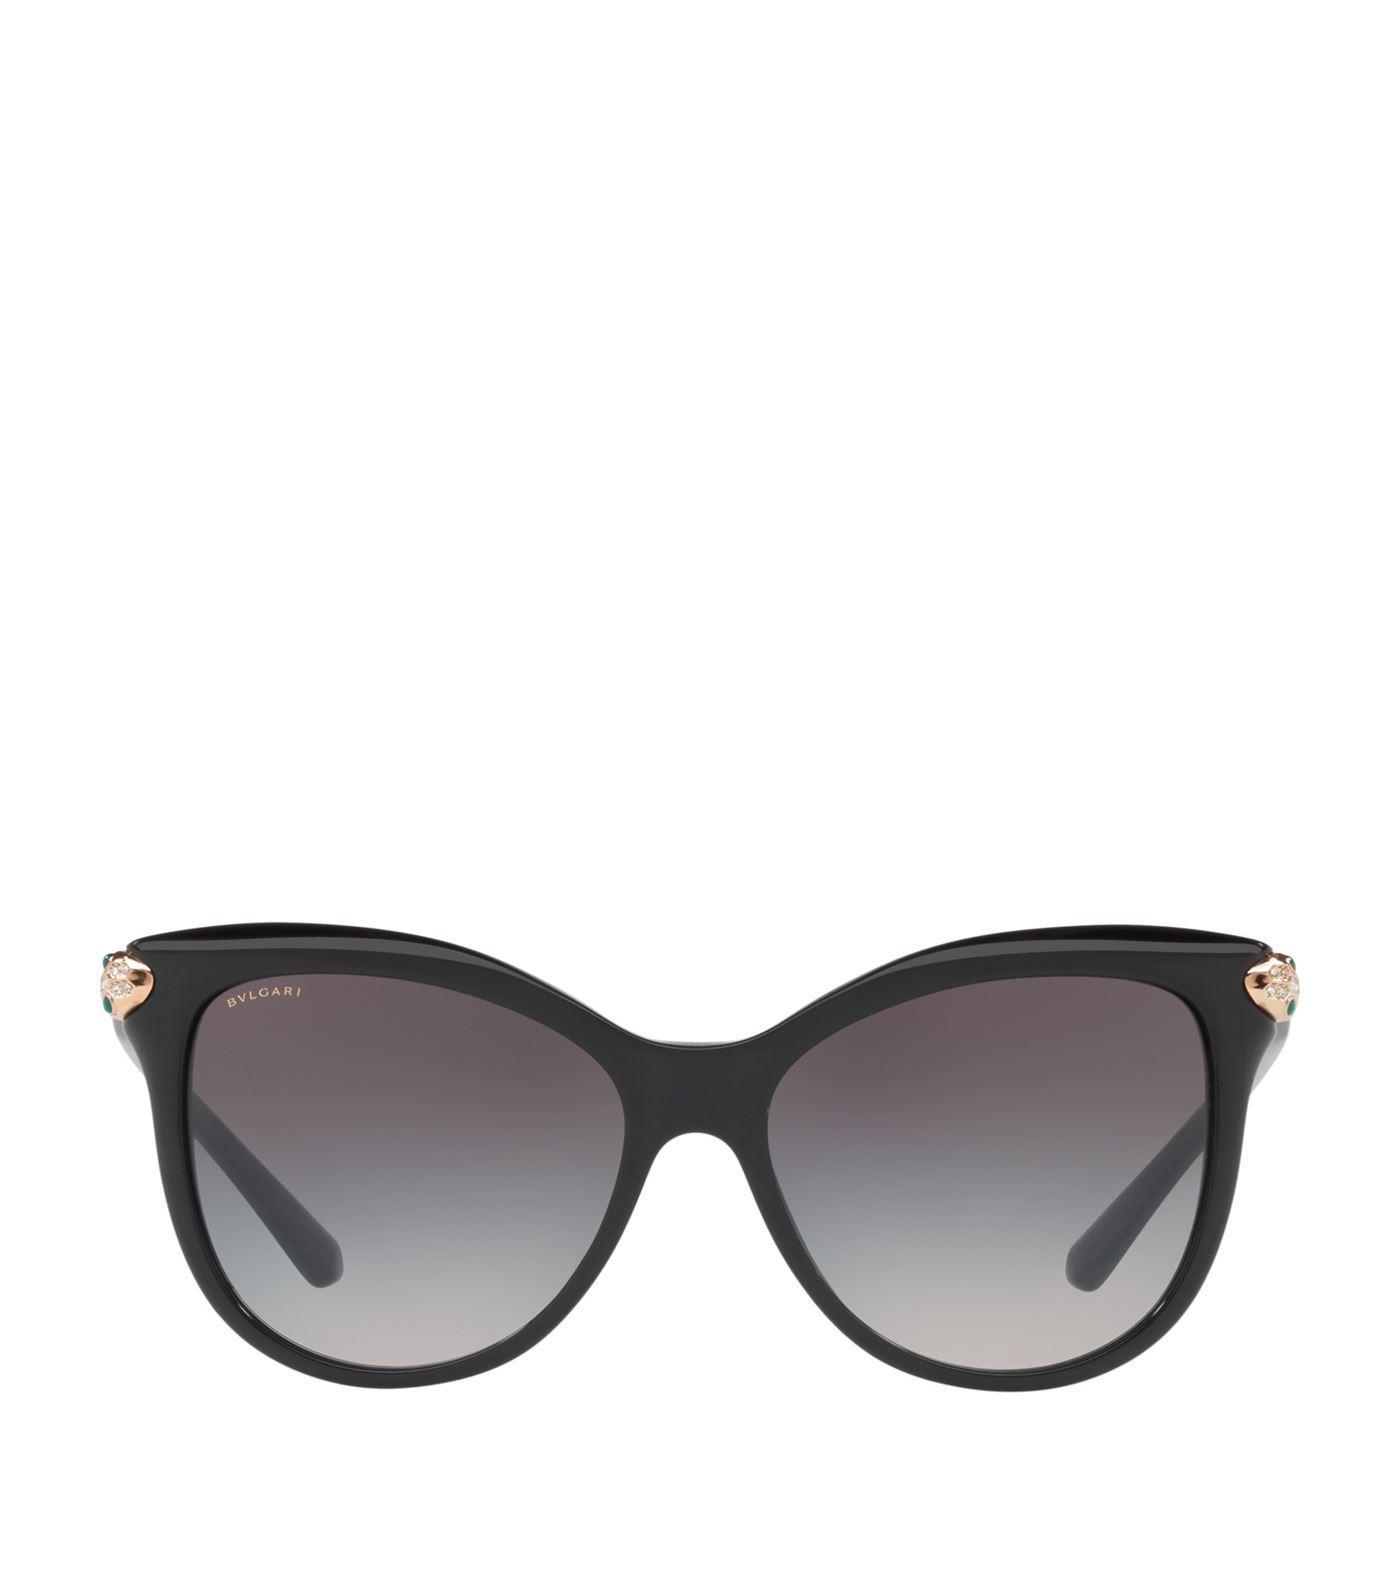 c5d6226f91682 Bvlgari Serpenti Gradient Square Sunglasses